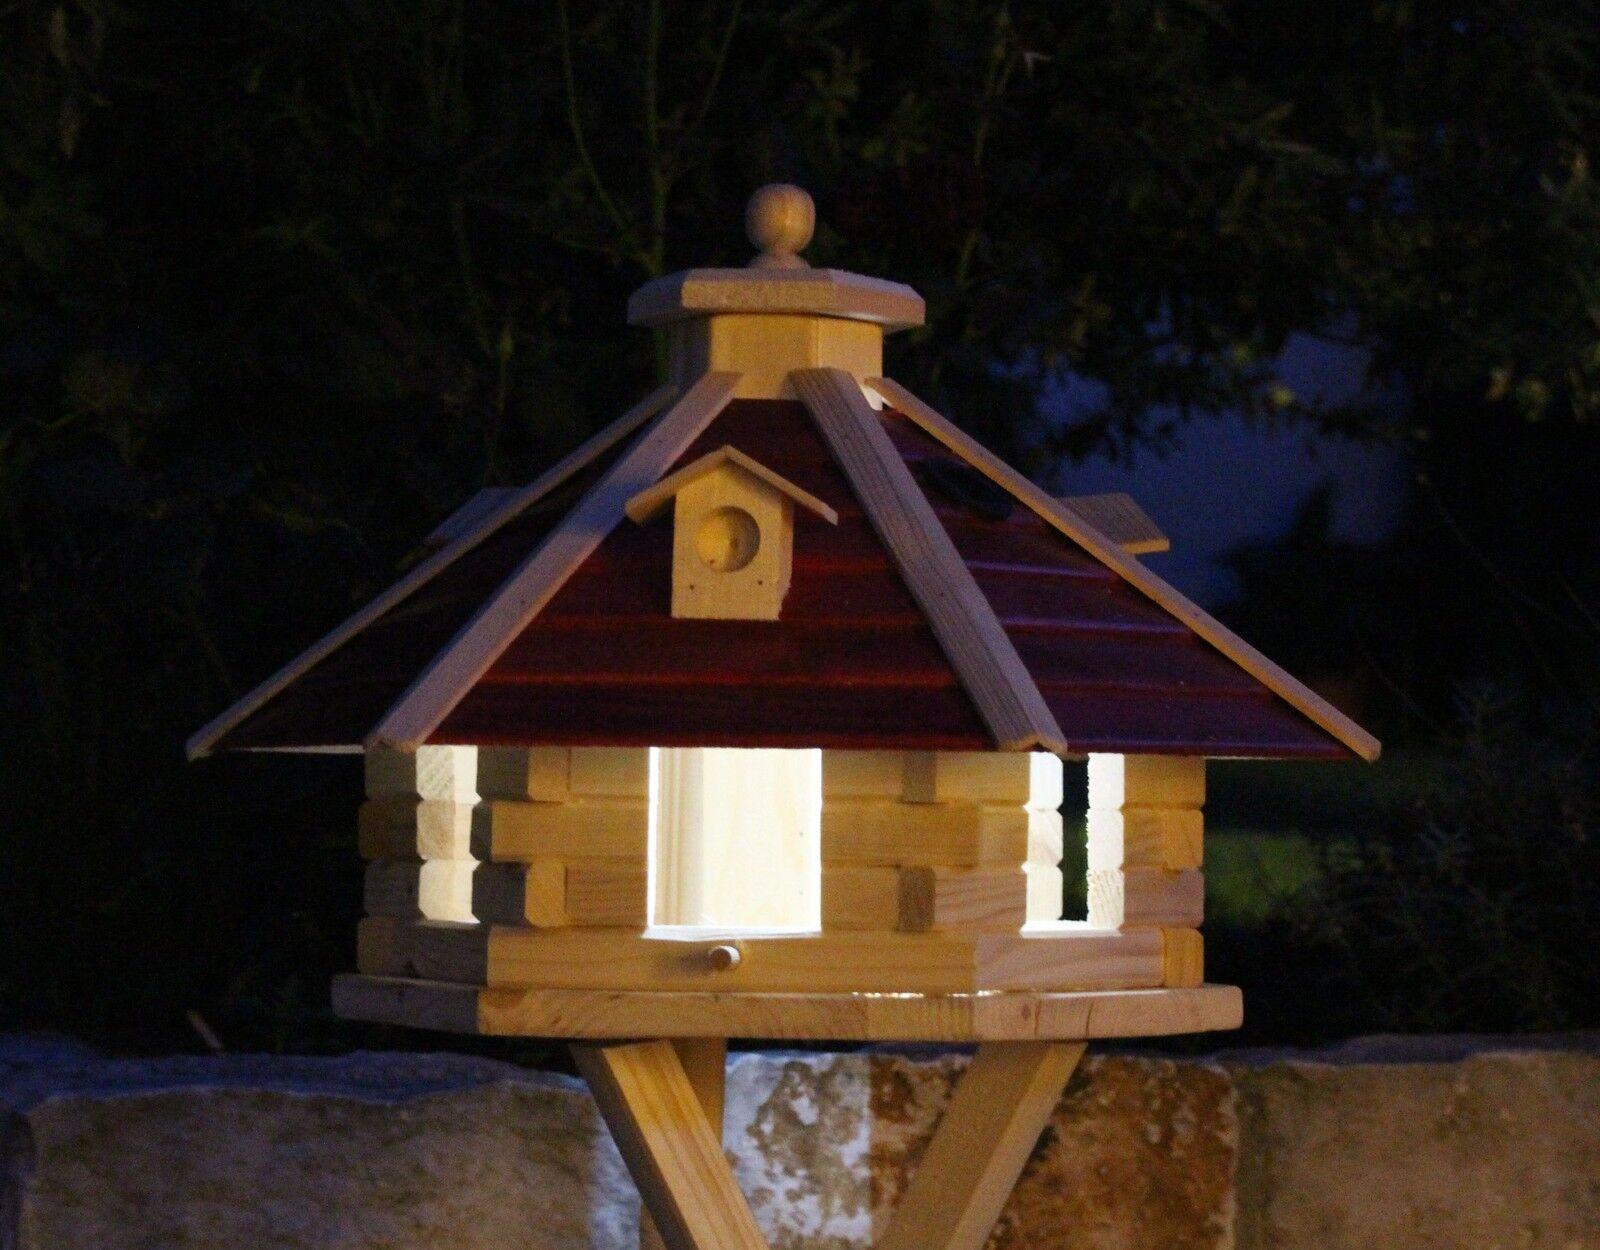 NUOVO    XXL Casa di uccelli, le case di uccelli Con Illuminazione Solare Tipo 20